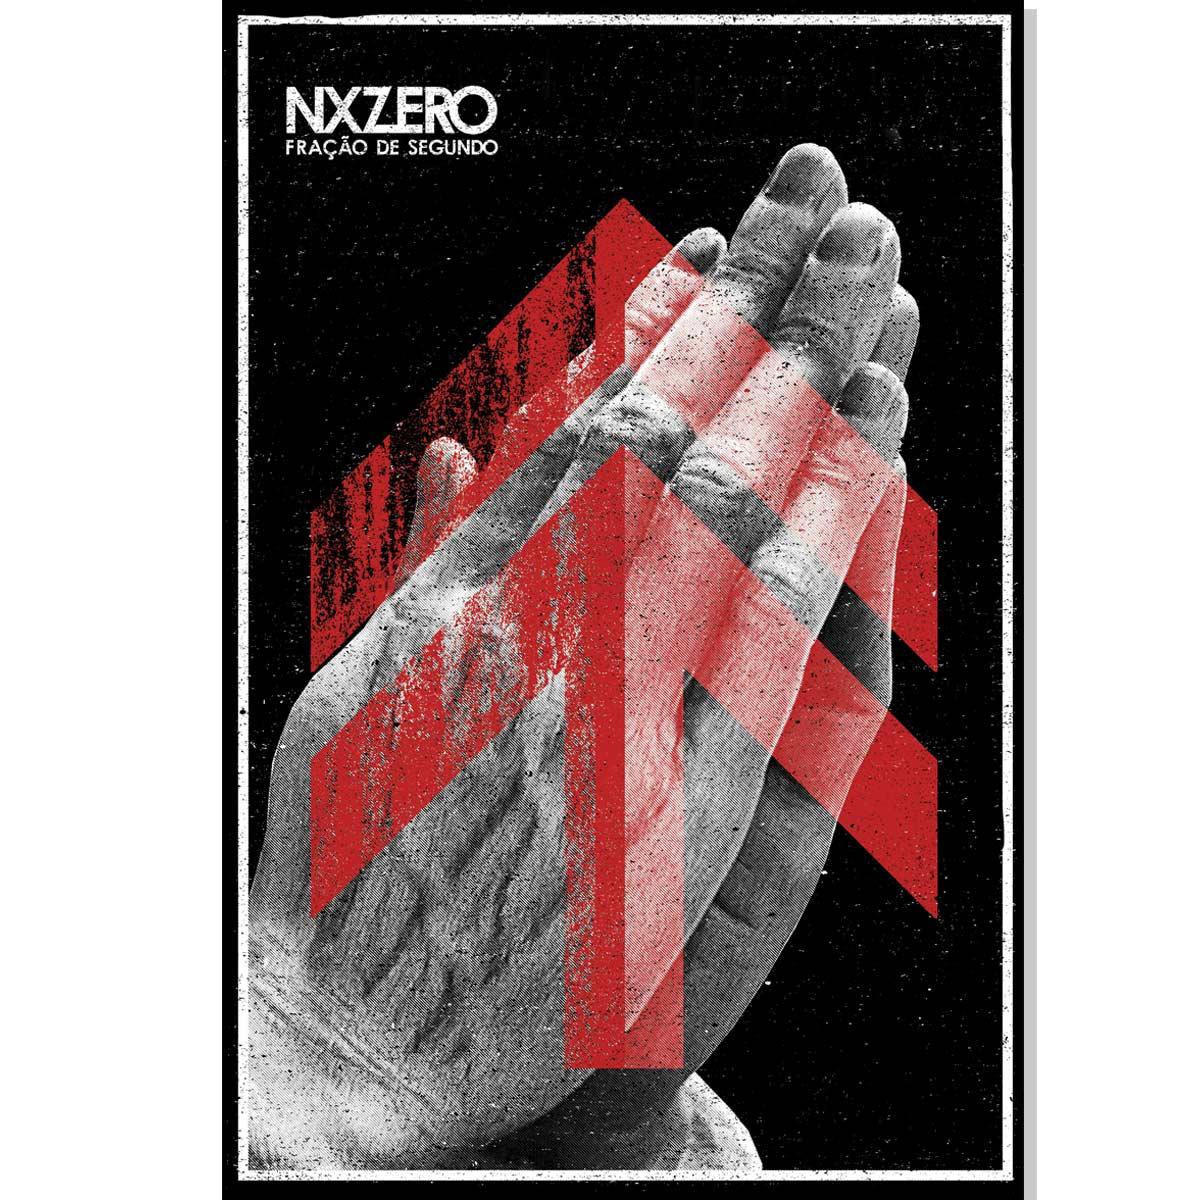 Poster NXZero Fração de Segundo